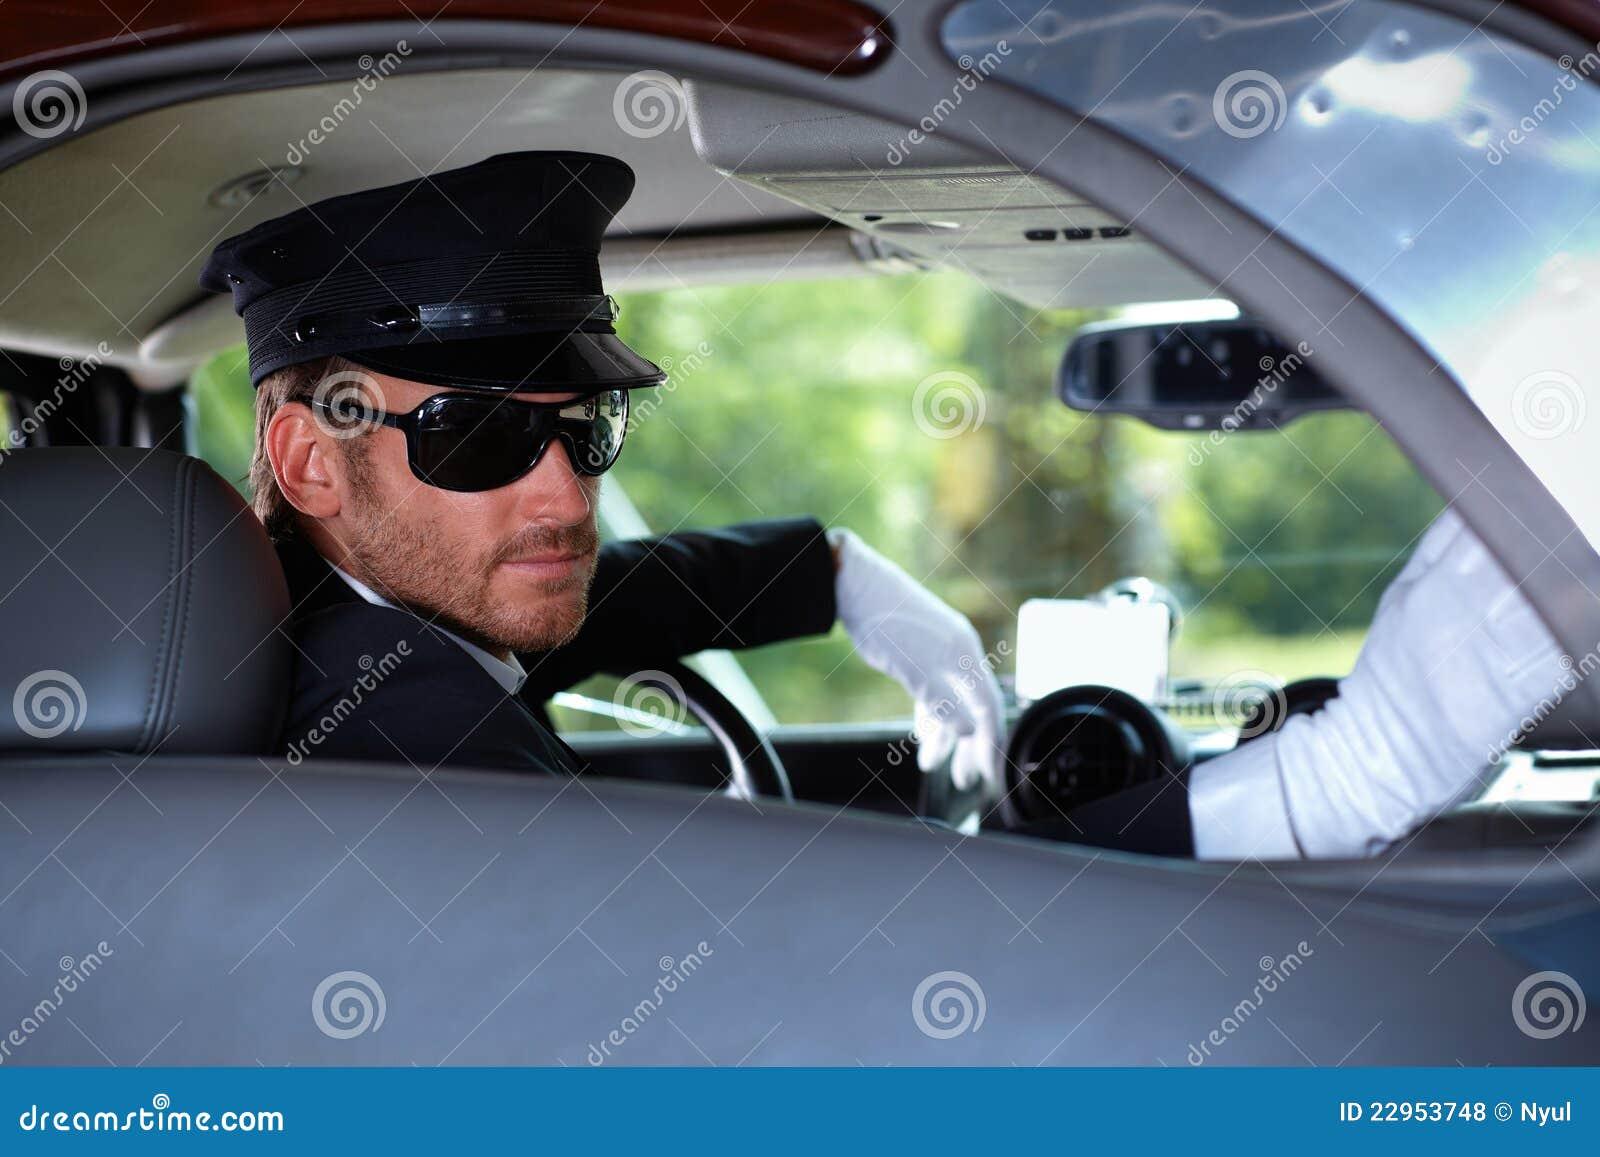 Chauffeur in elegante auto